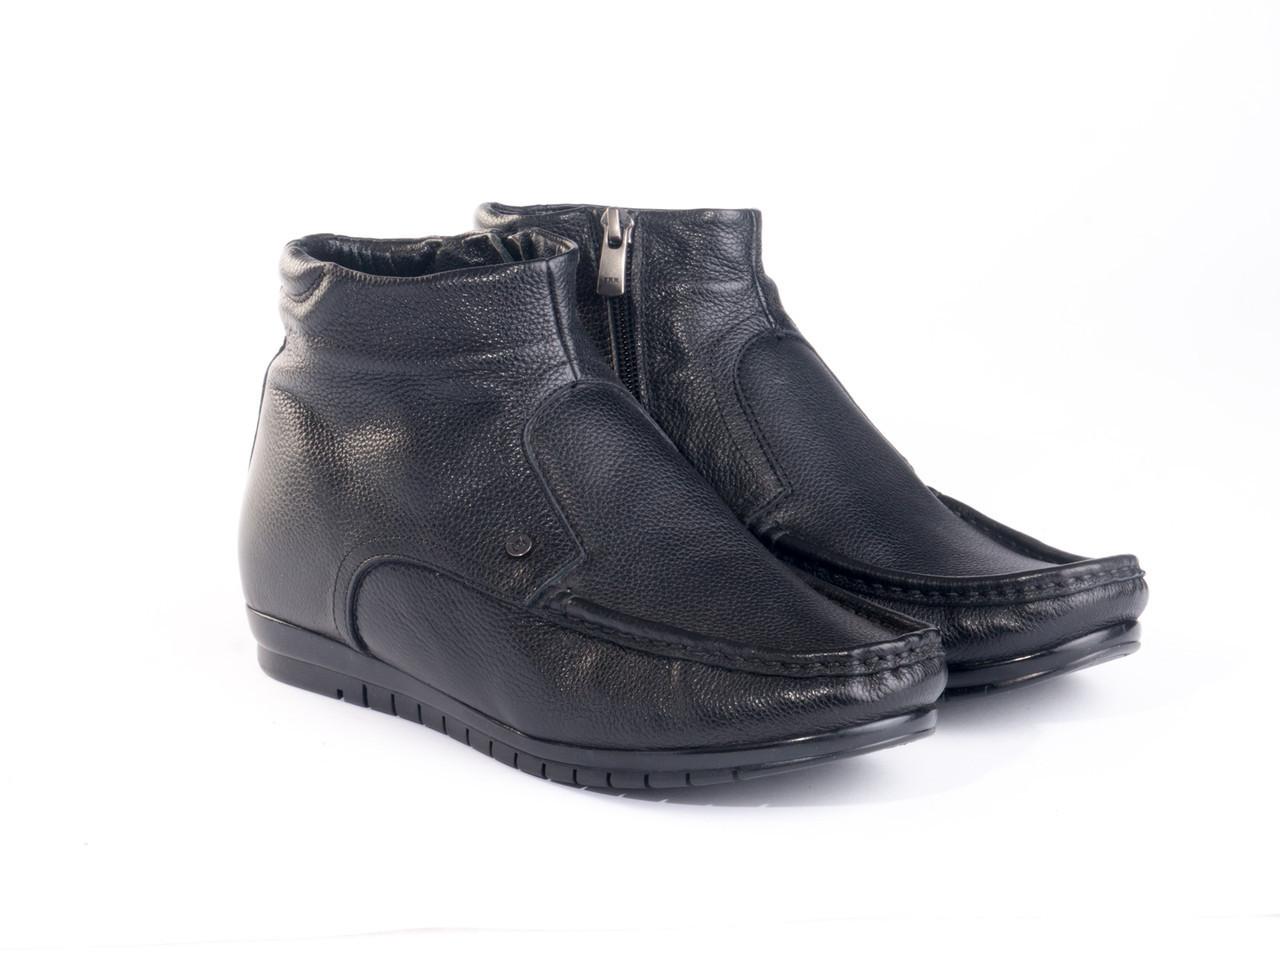 Ботинки Etor 12215-8731  42 черные